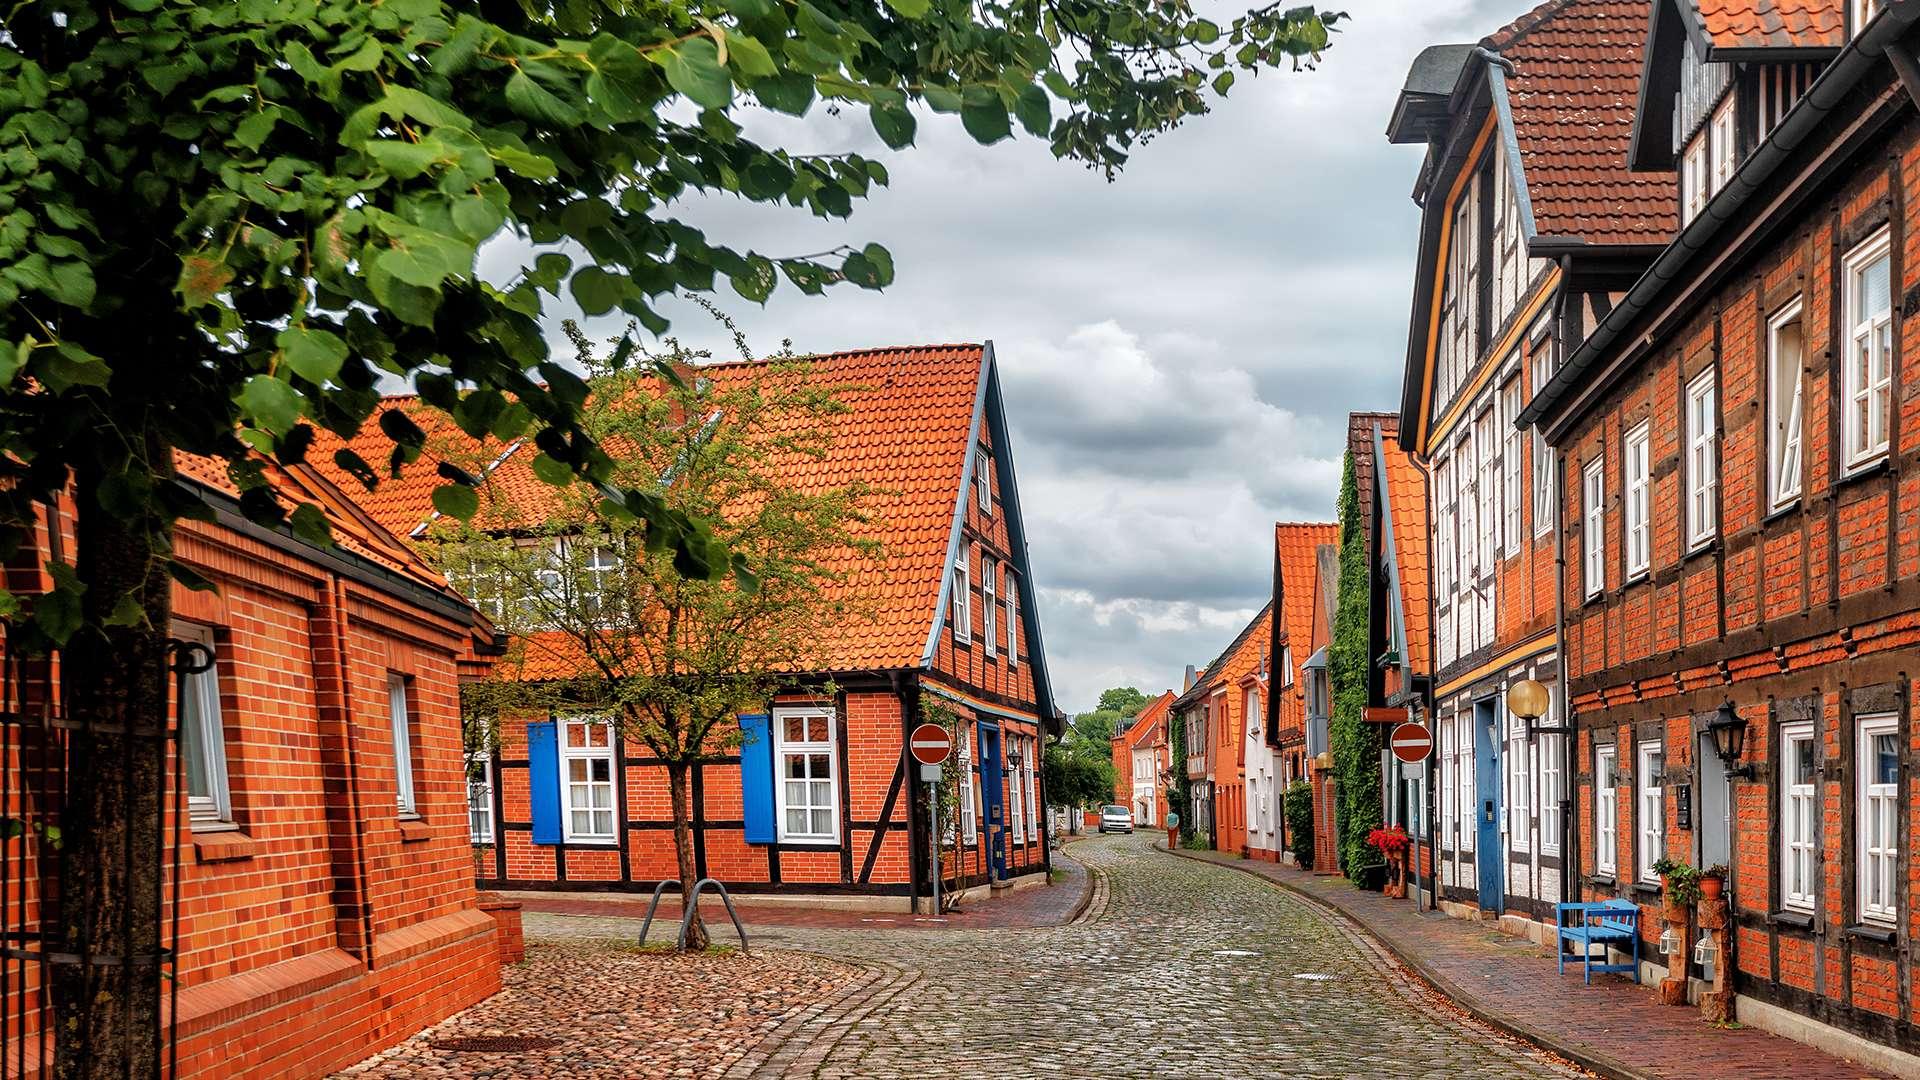 mehrere Fachwerkhäuser in der Innenstadt von Nienburg